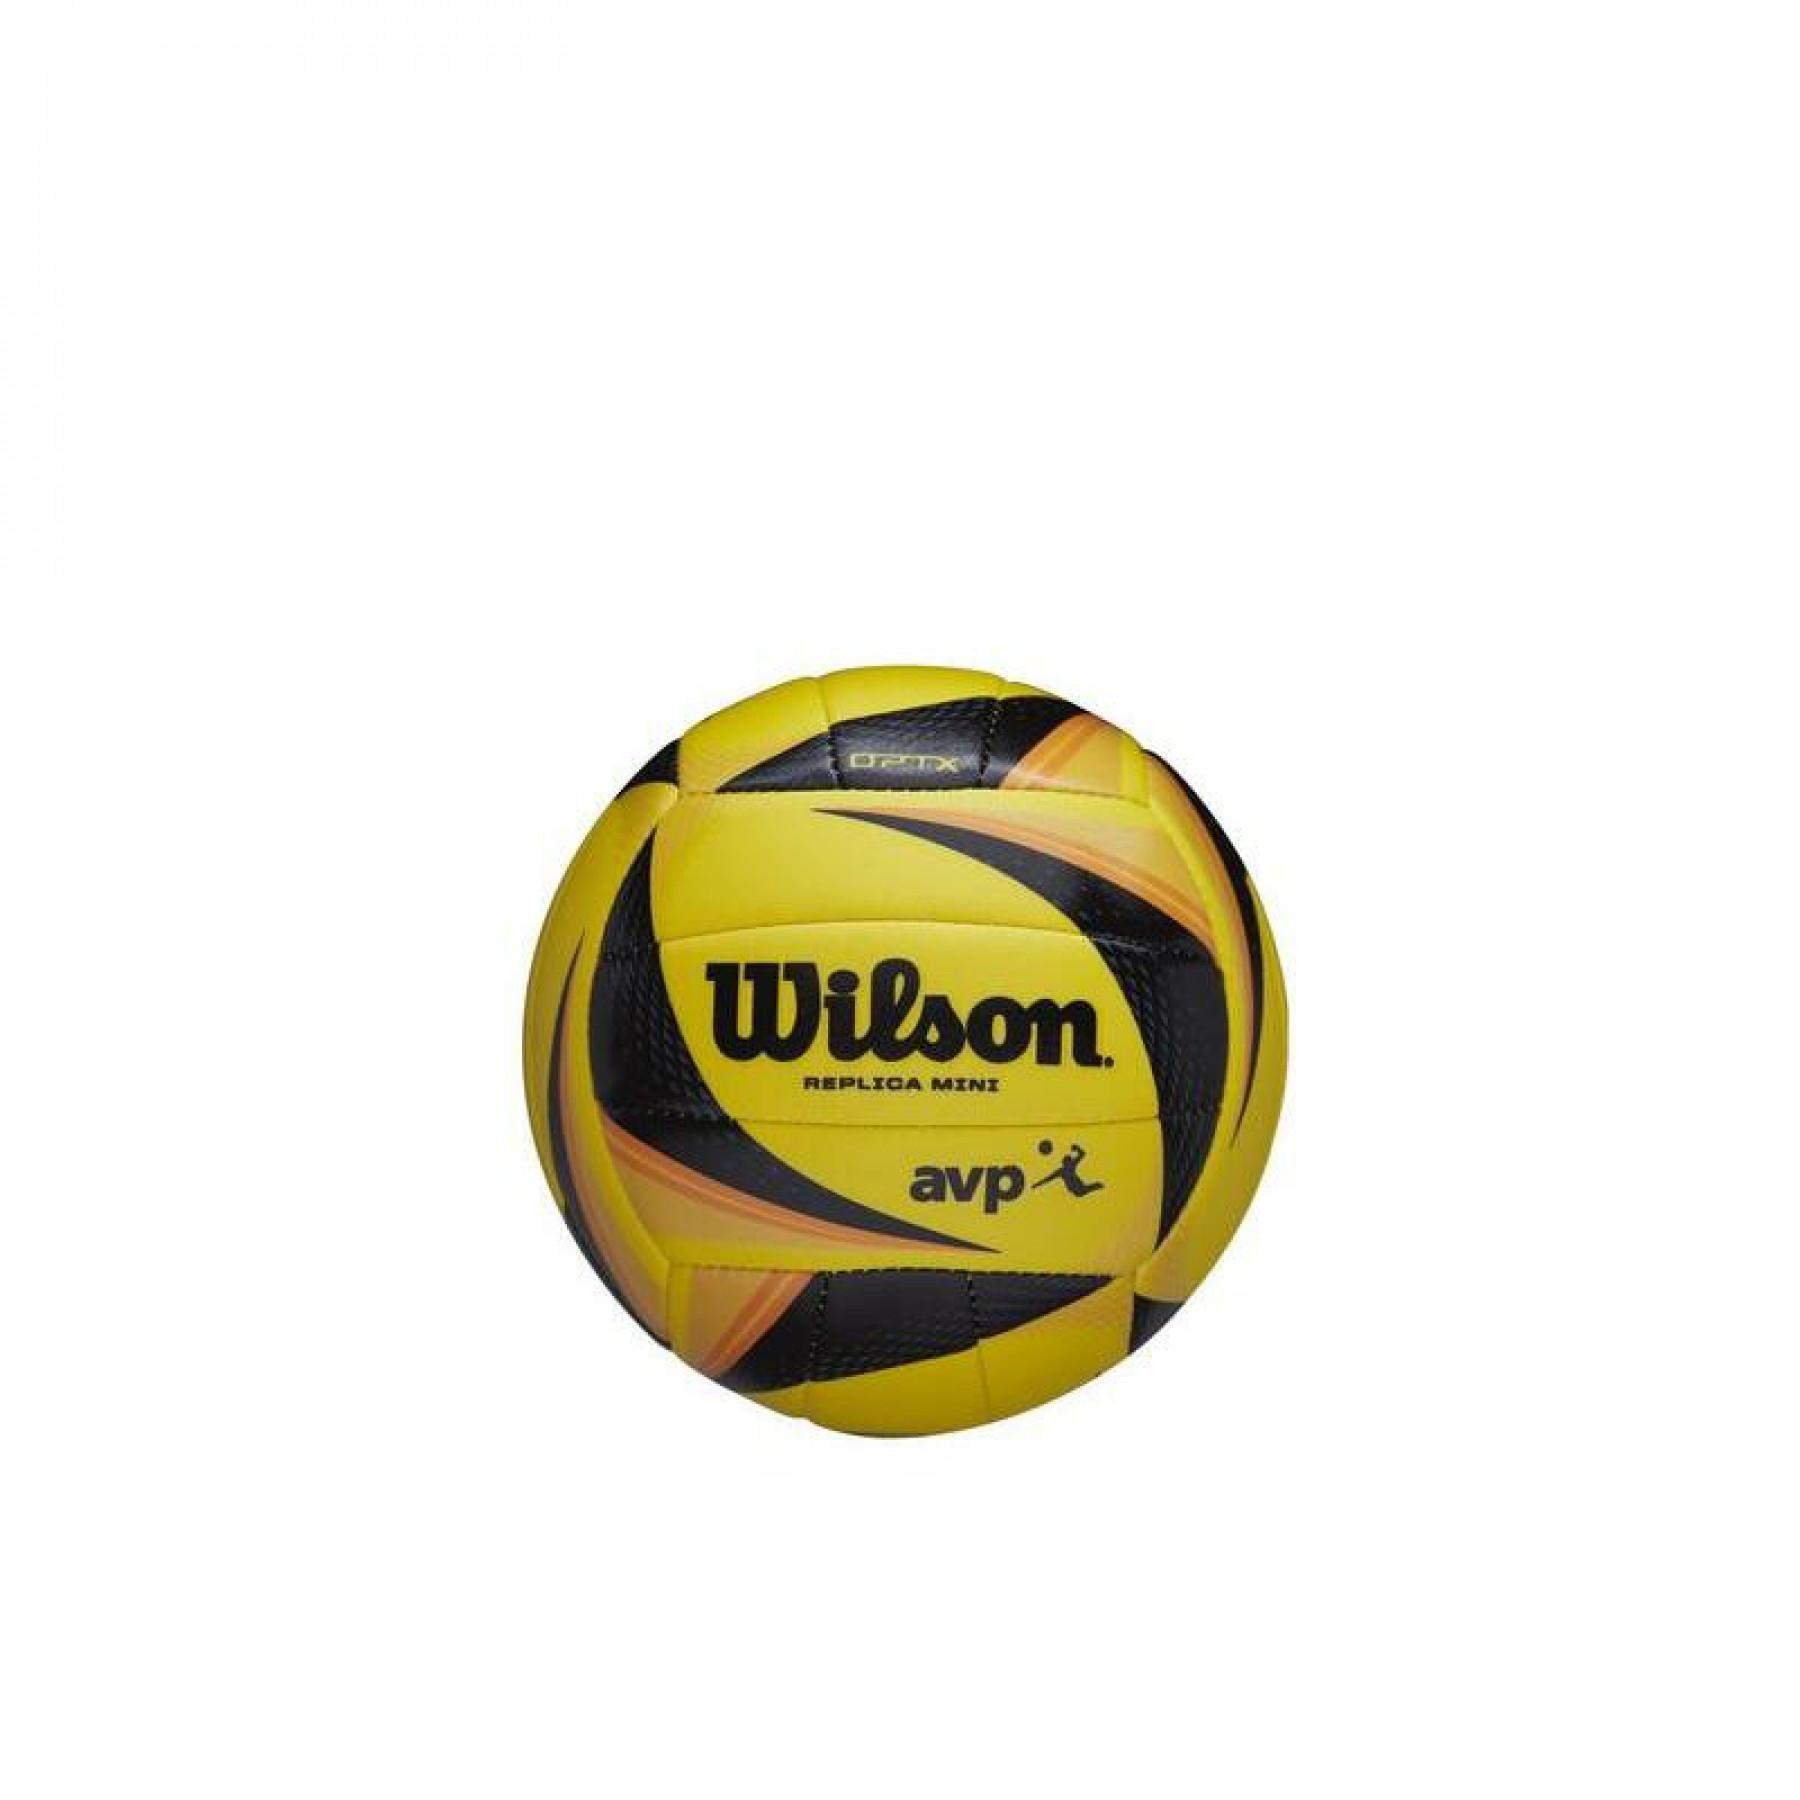 Wilson Optx Avp VB Mini Balloon